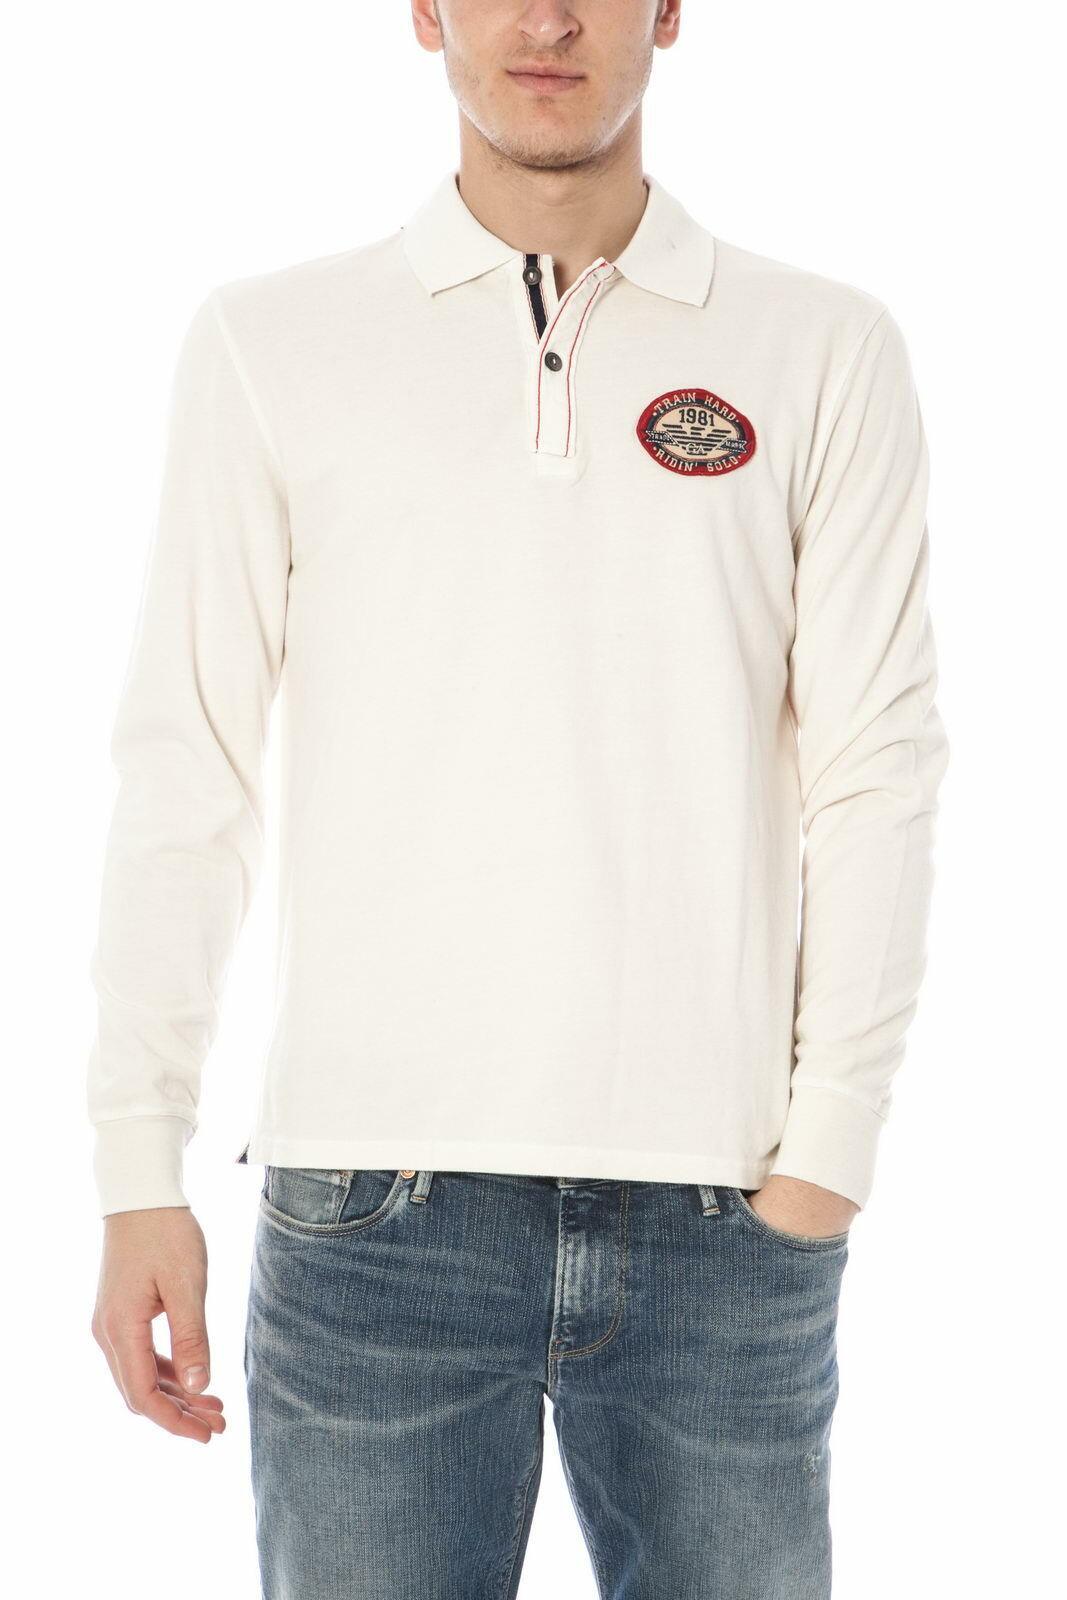 Armani Jeans AJ Polo Shirt REGULAR FIT Man Weiß U6M08MG C1 Sz M MAKE OFFER